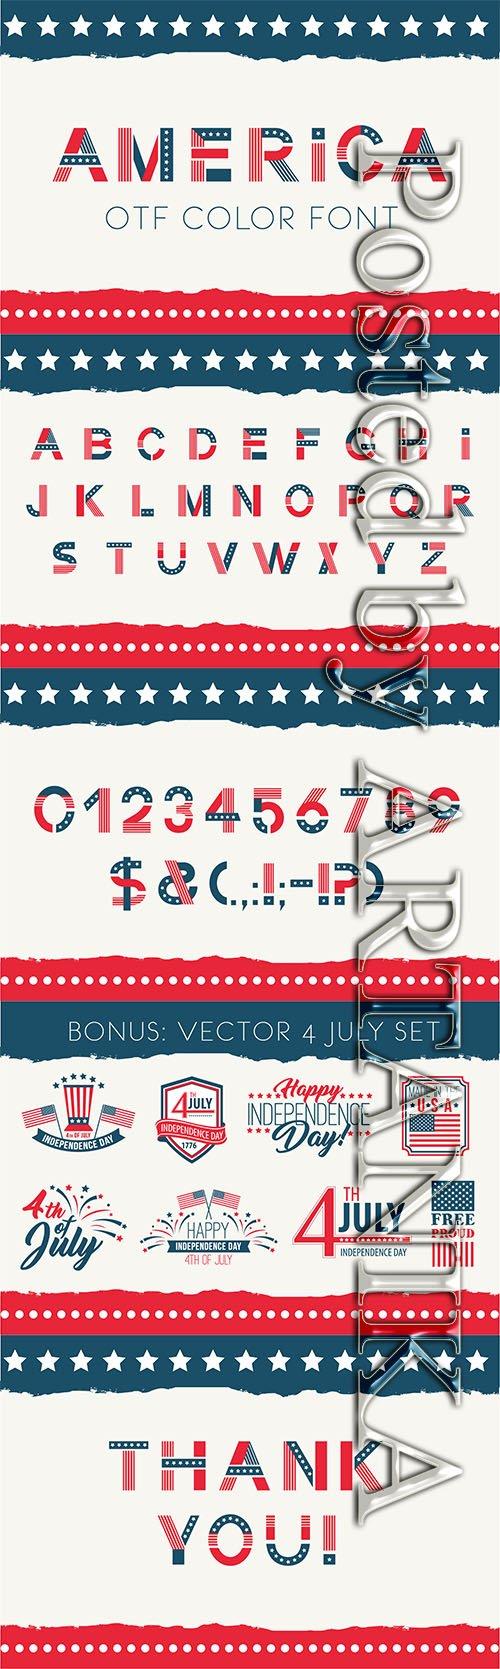 CreativeMarket - America otf color font 2335005